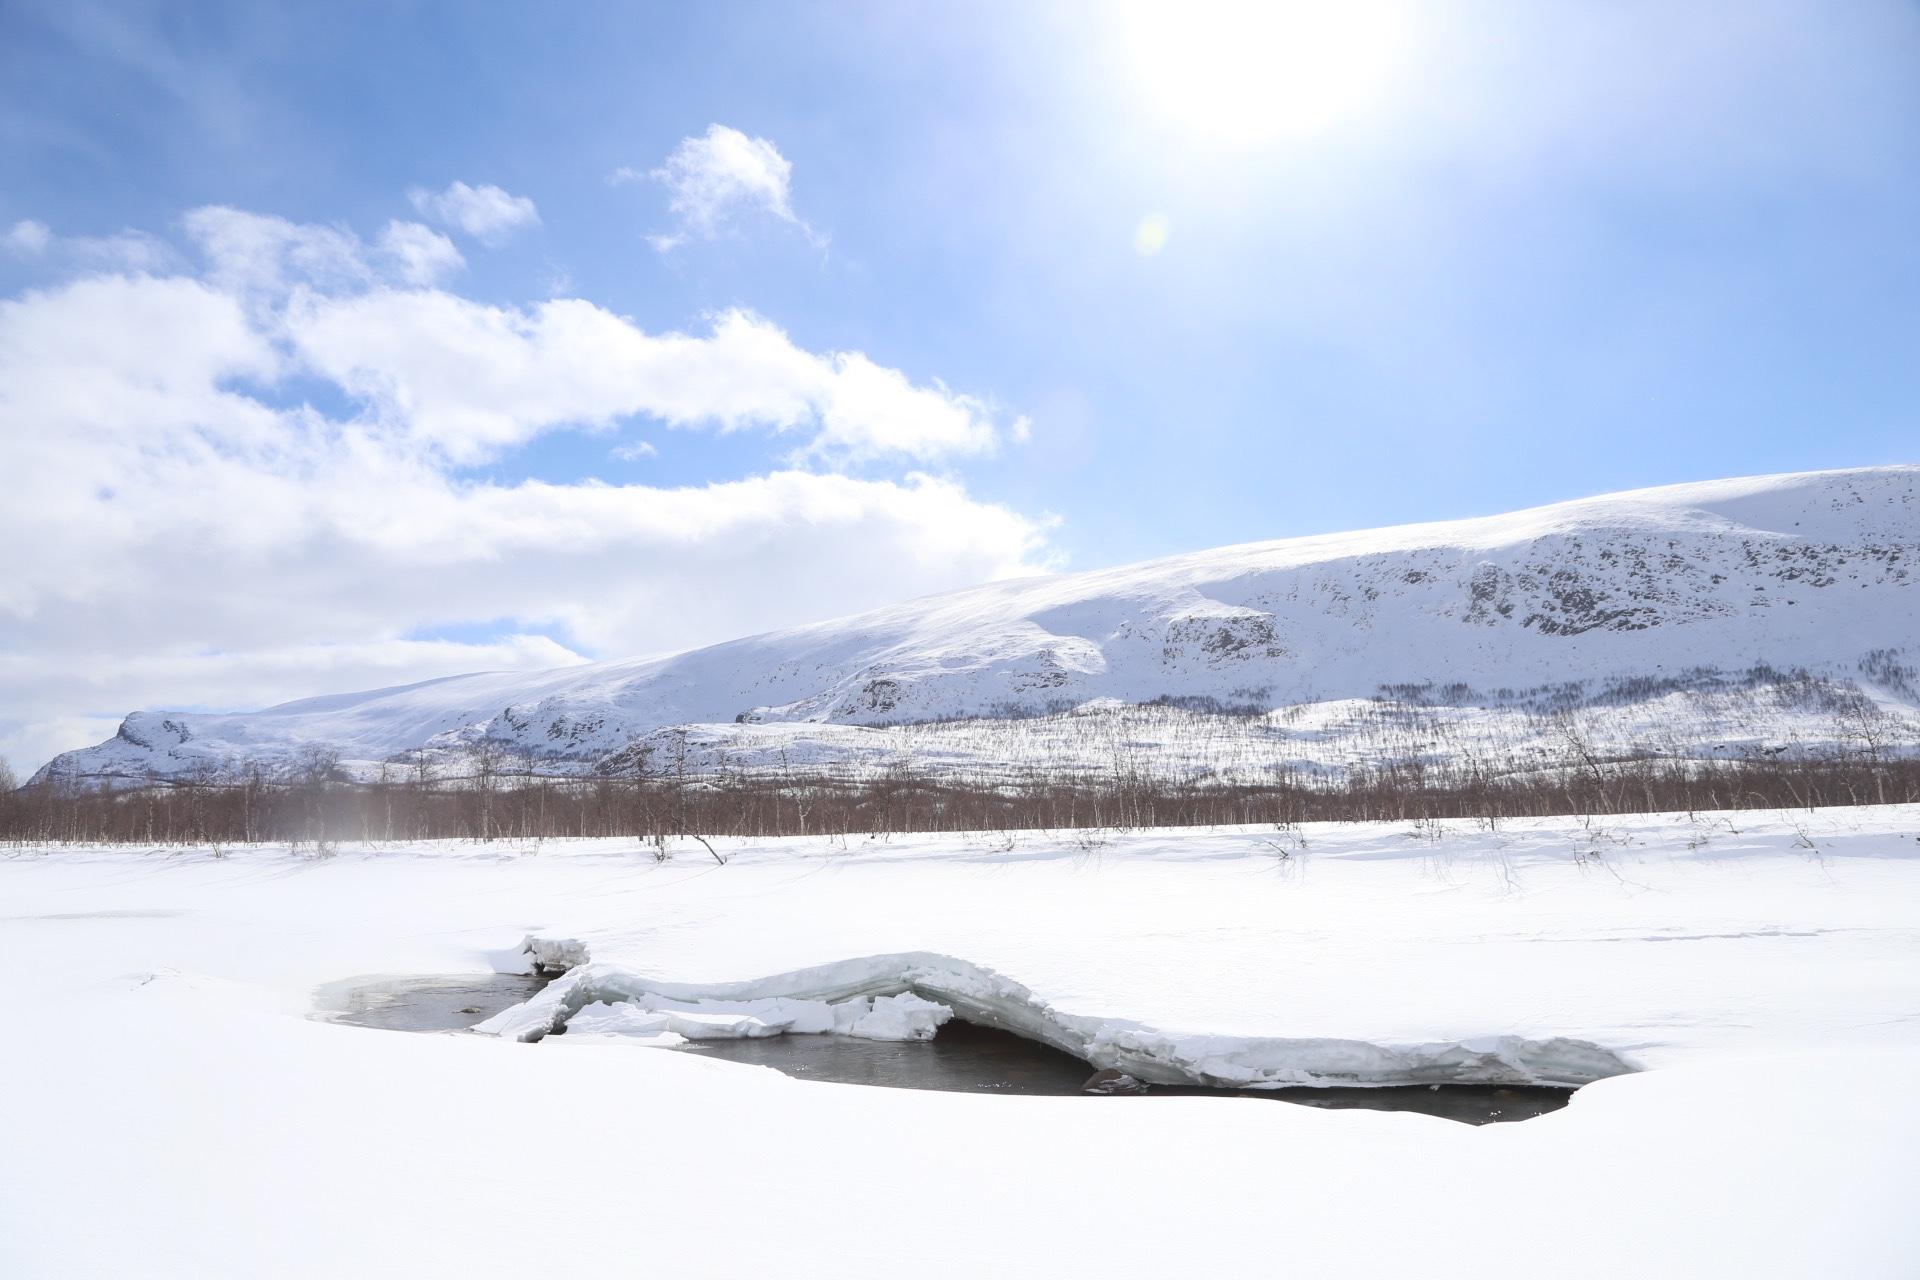 Vintertur i Sarek: Skogslandskap och glada vädernyheter